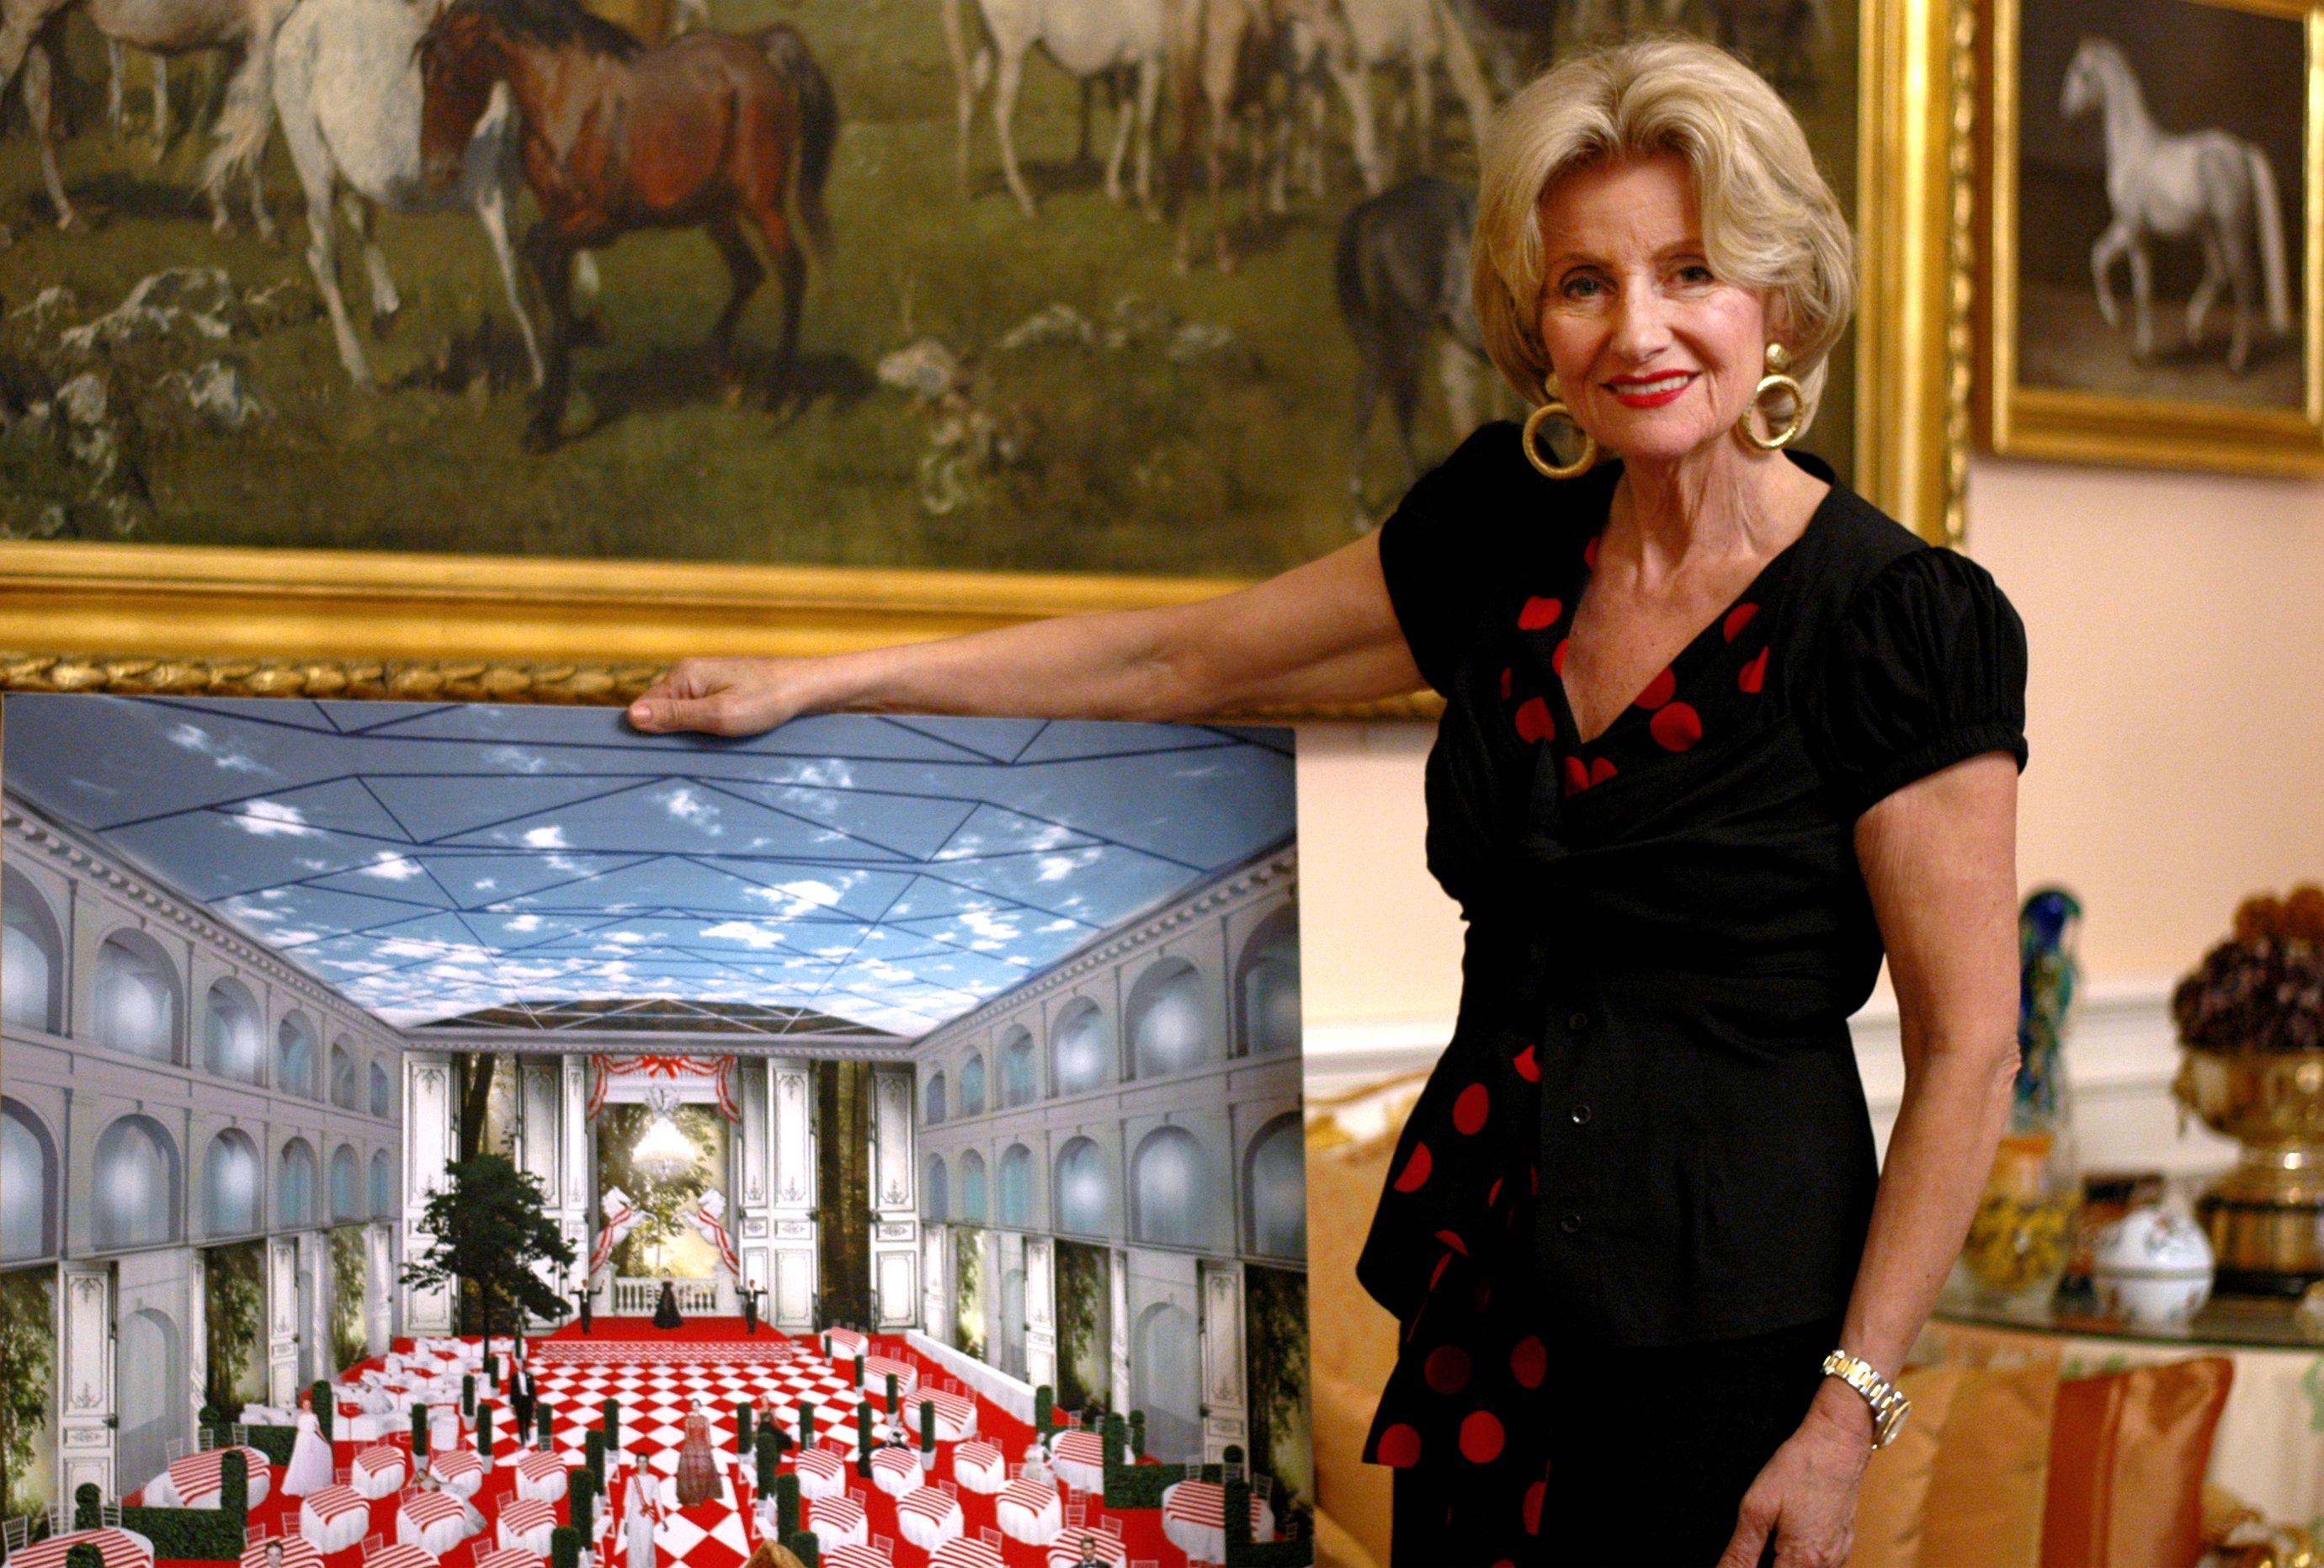 Elisabeth Gürtler, Generaldirektorin der Spanischen Hofreitschule und Veranstalterin der Fête Impériale, im Gespräch mit dem FÖHR-Goldstuhl